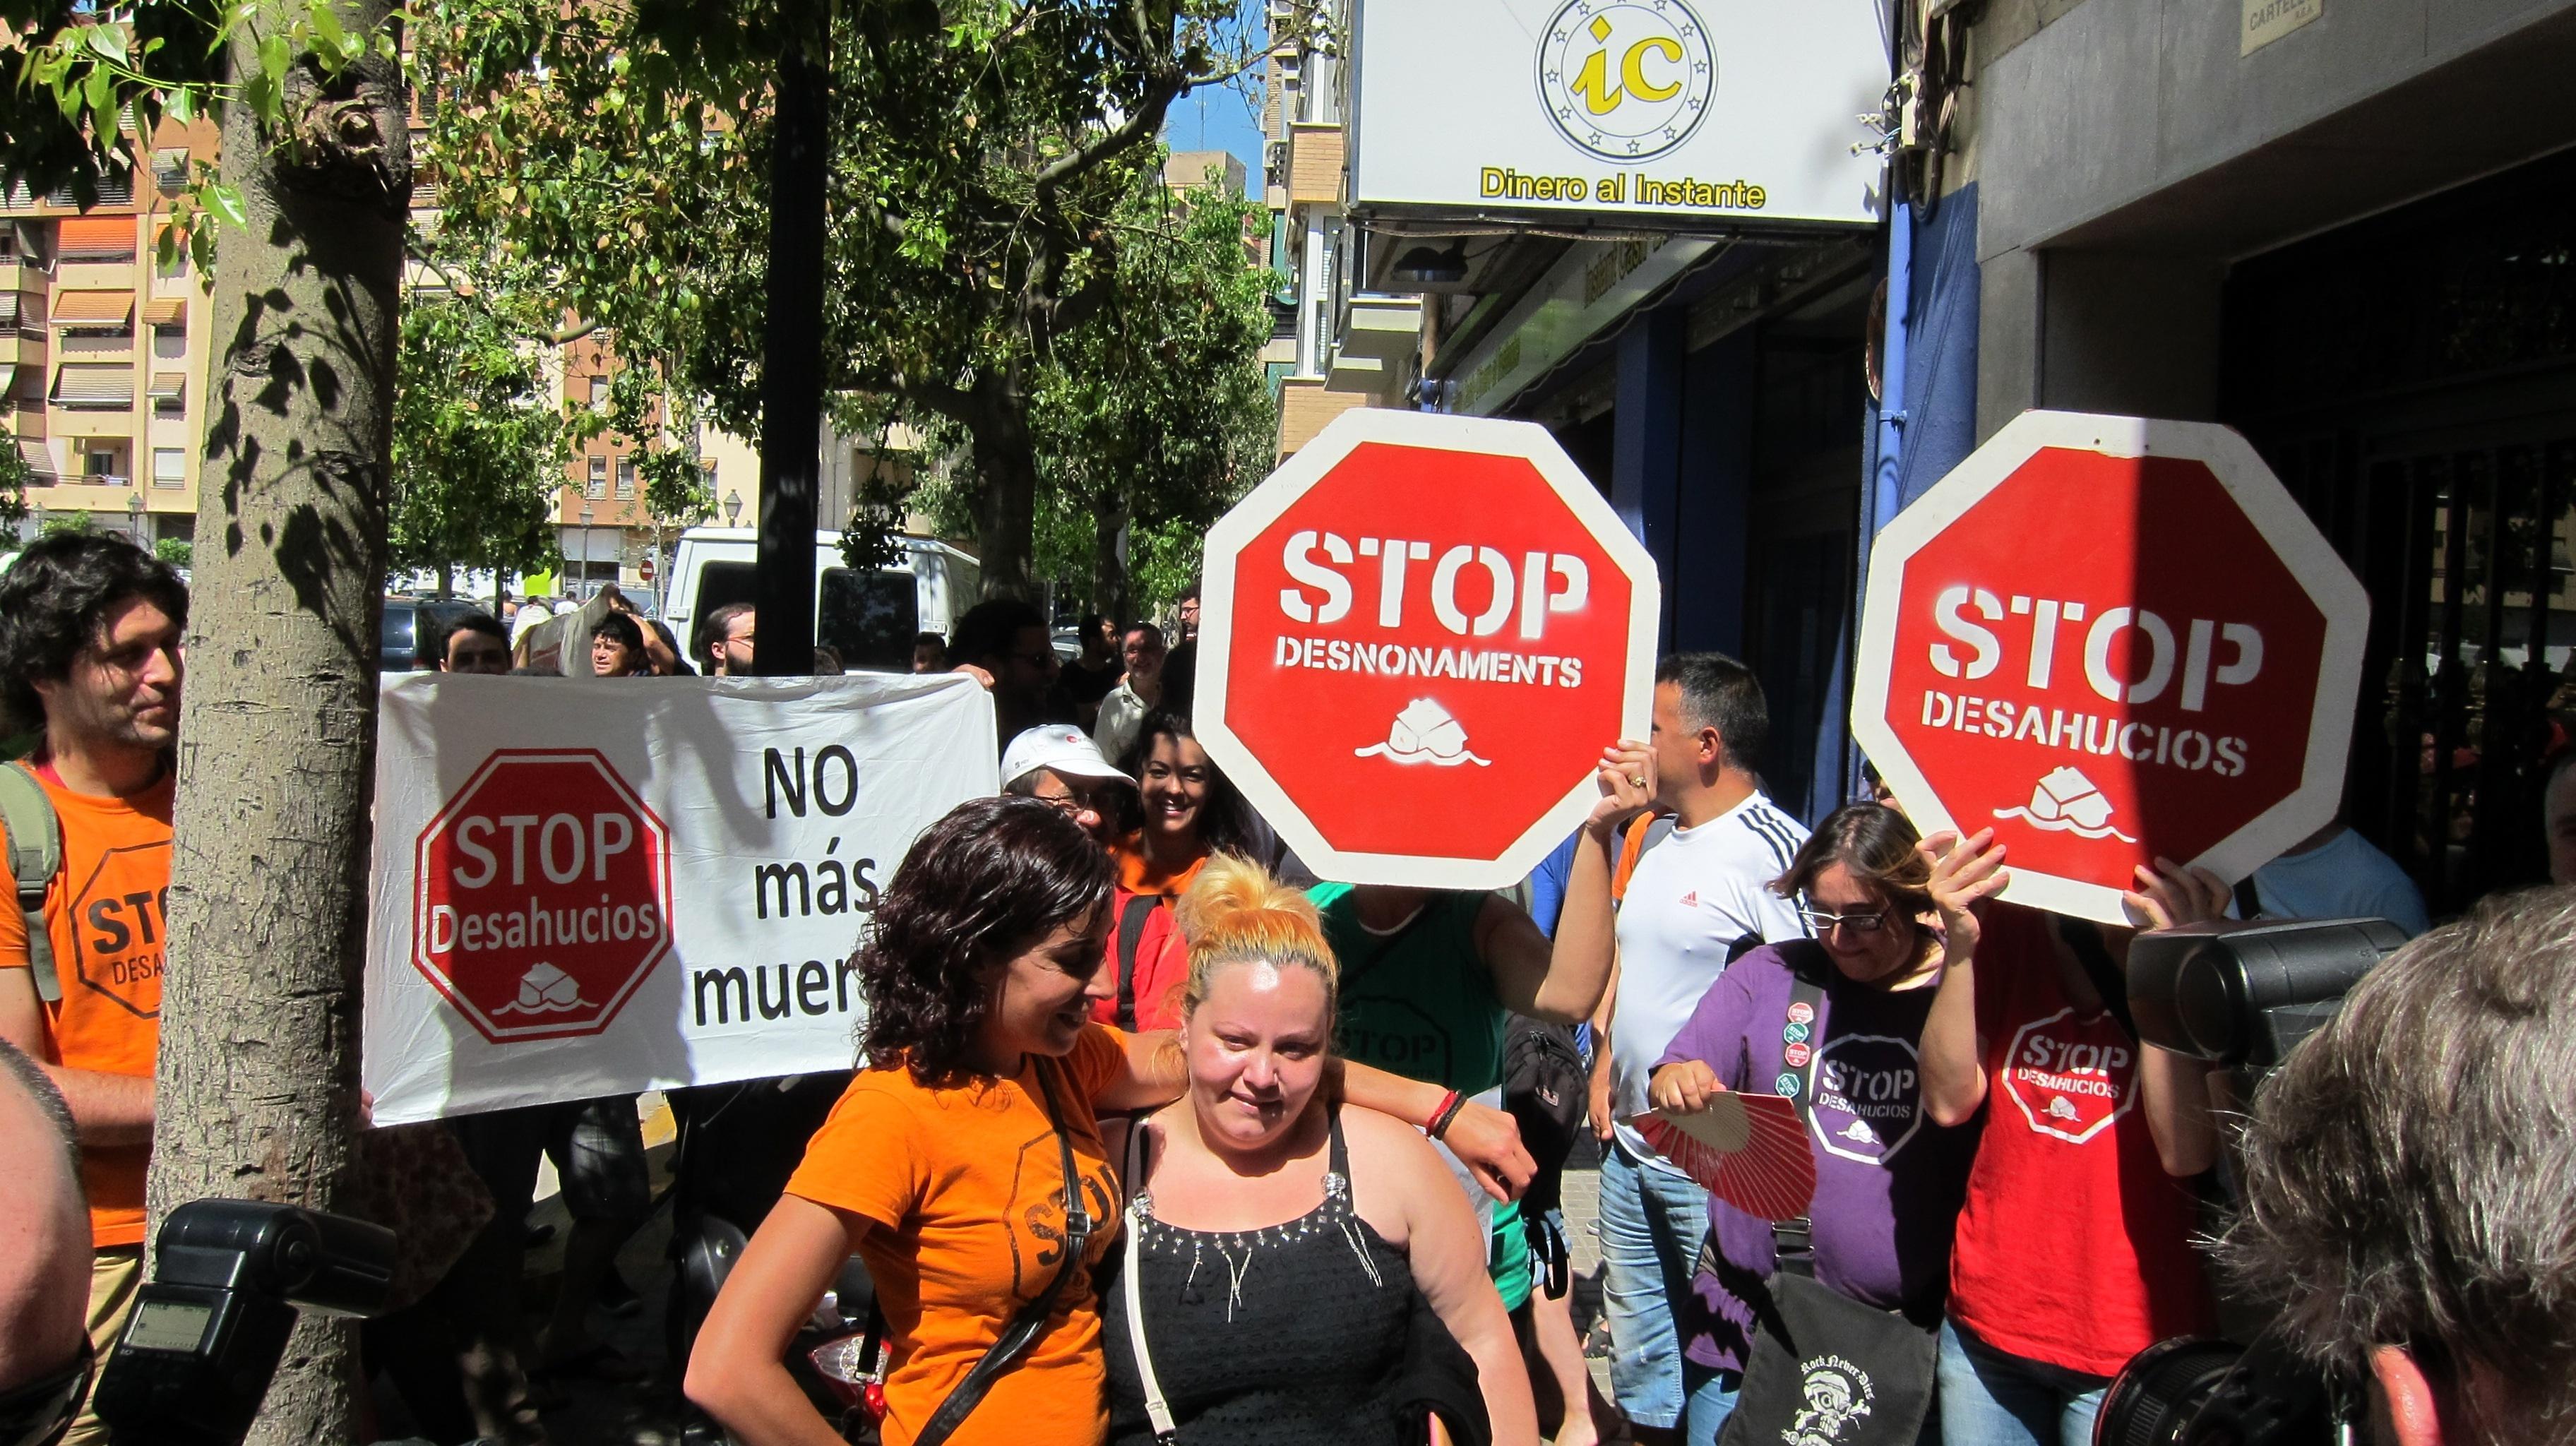 Paralizan el desahucio en Valencia de una mujer víctima de violencia de género con dos hijas de 6 y 3 años